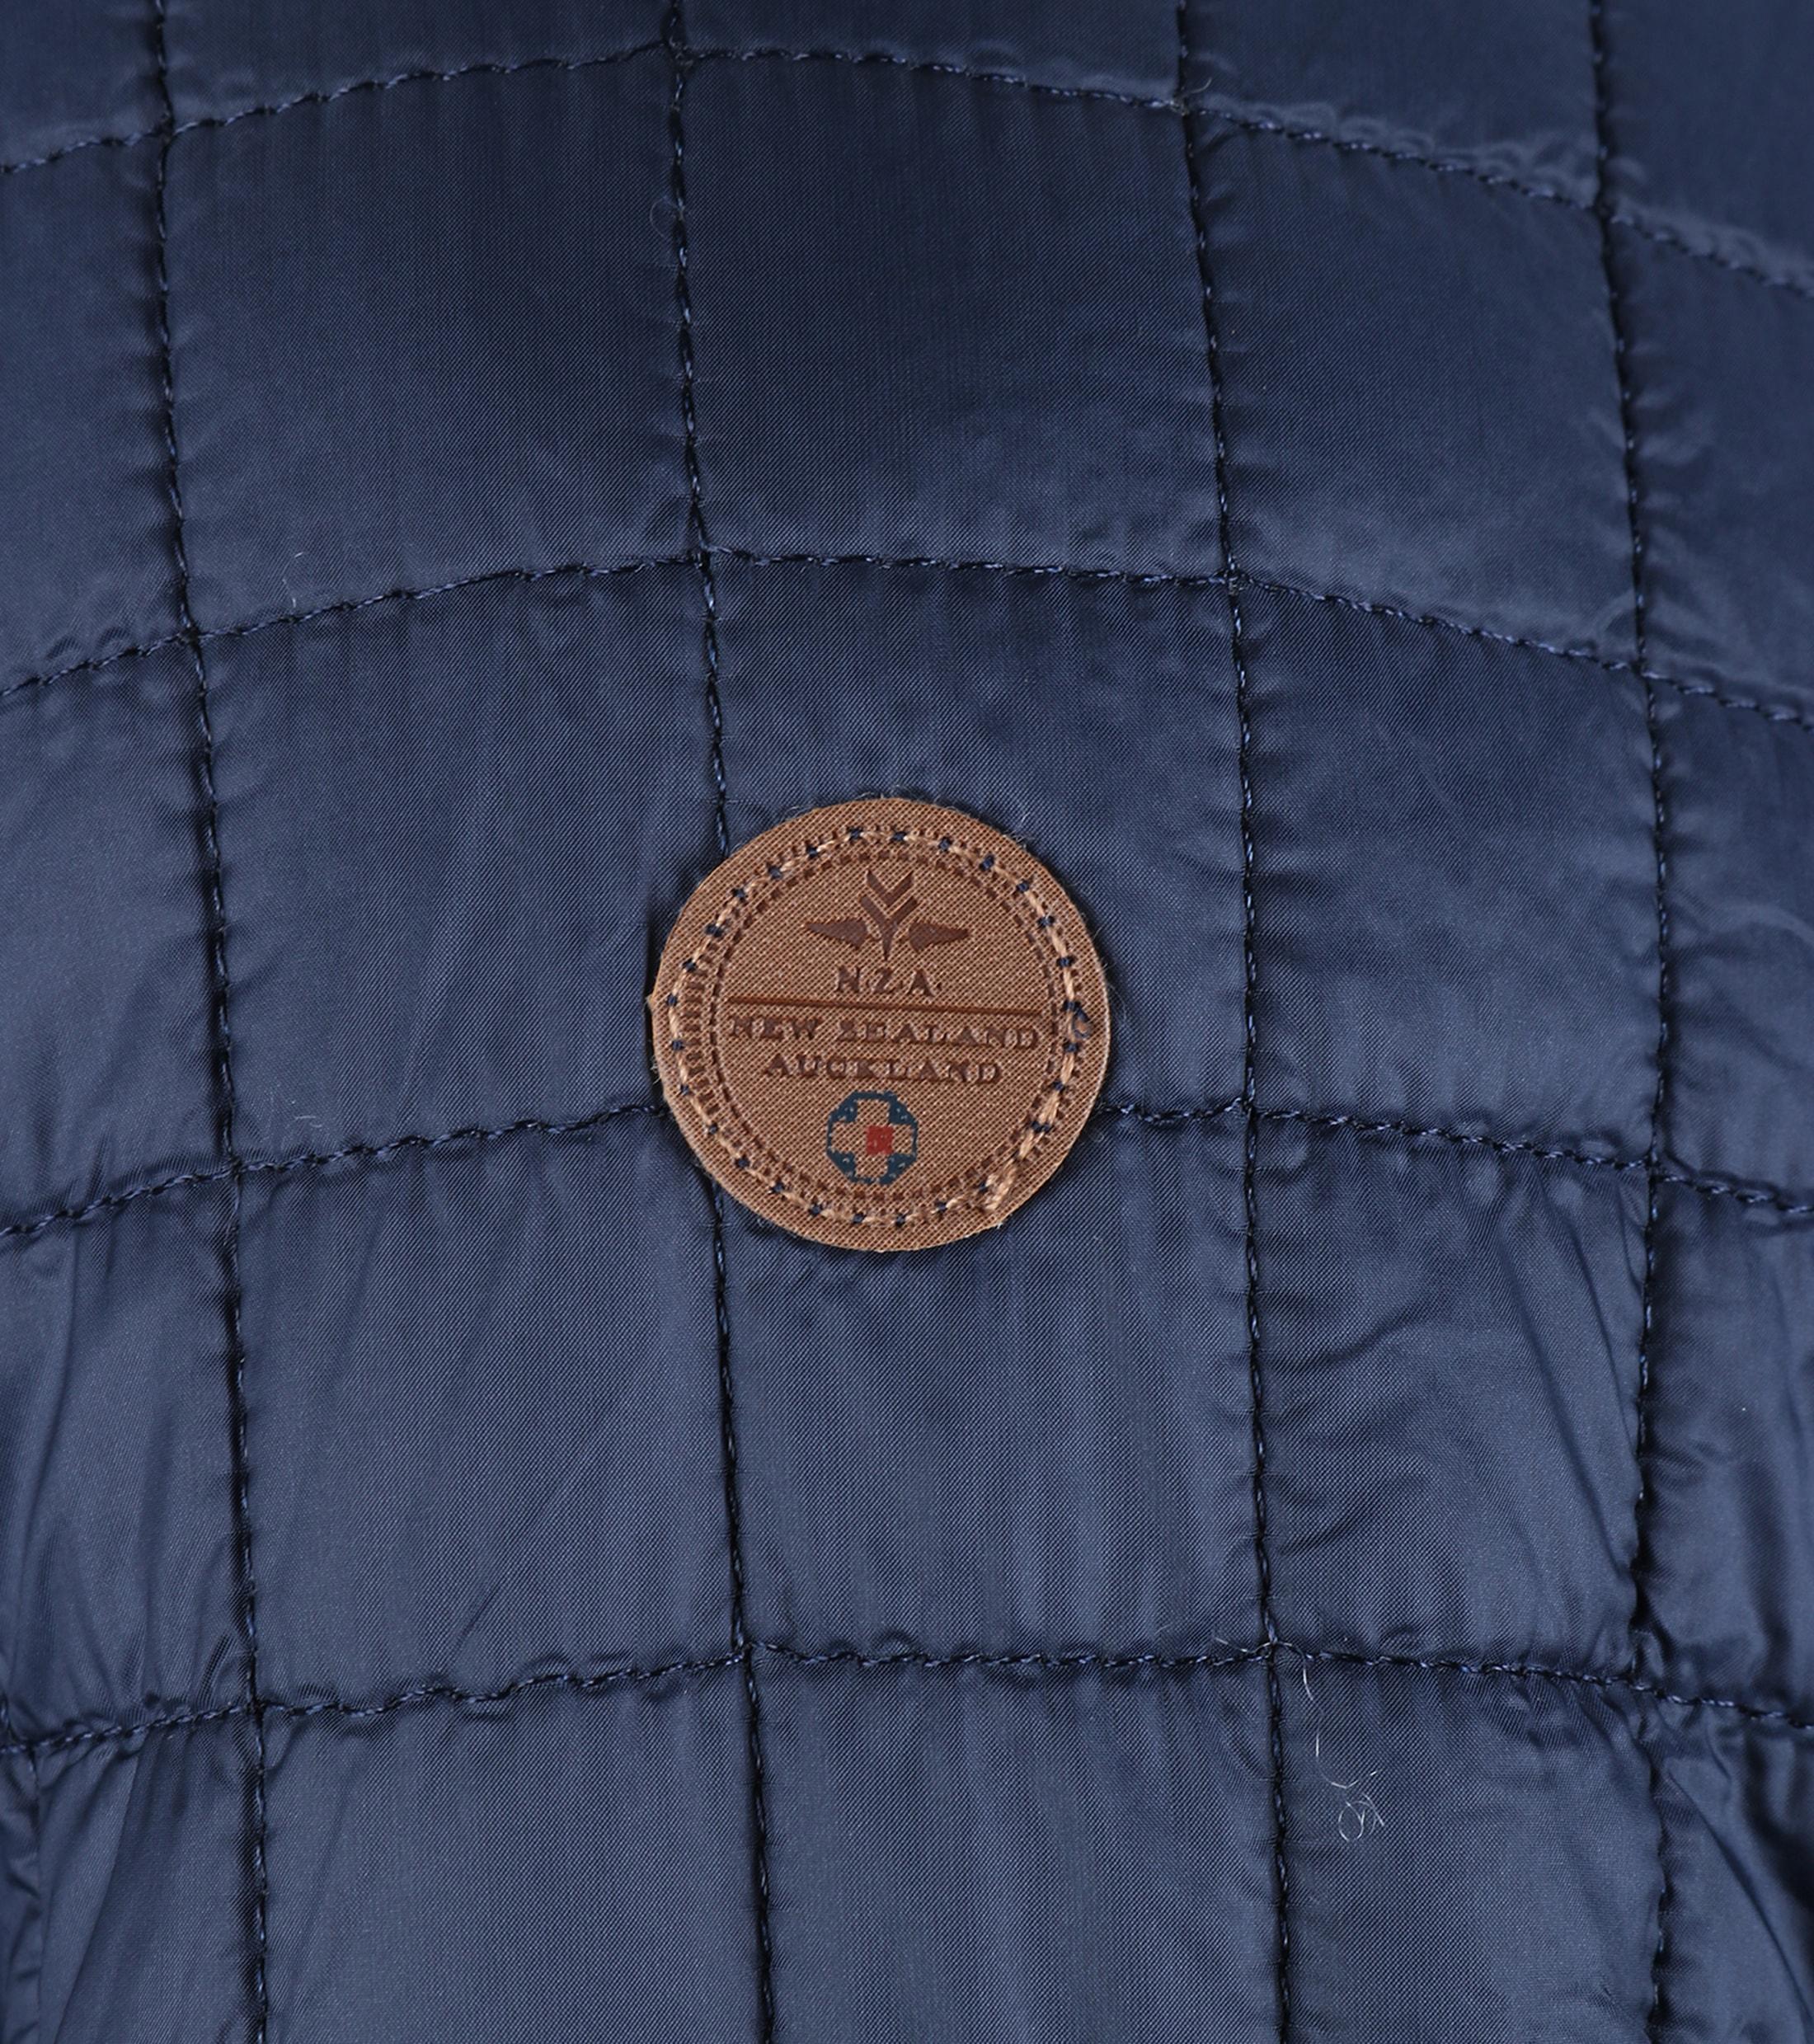 NZA Winterjas Donkerblauw 16HN802 foto 2